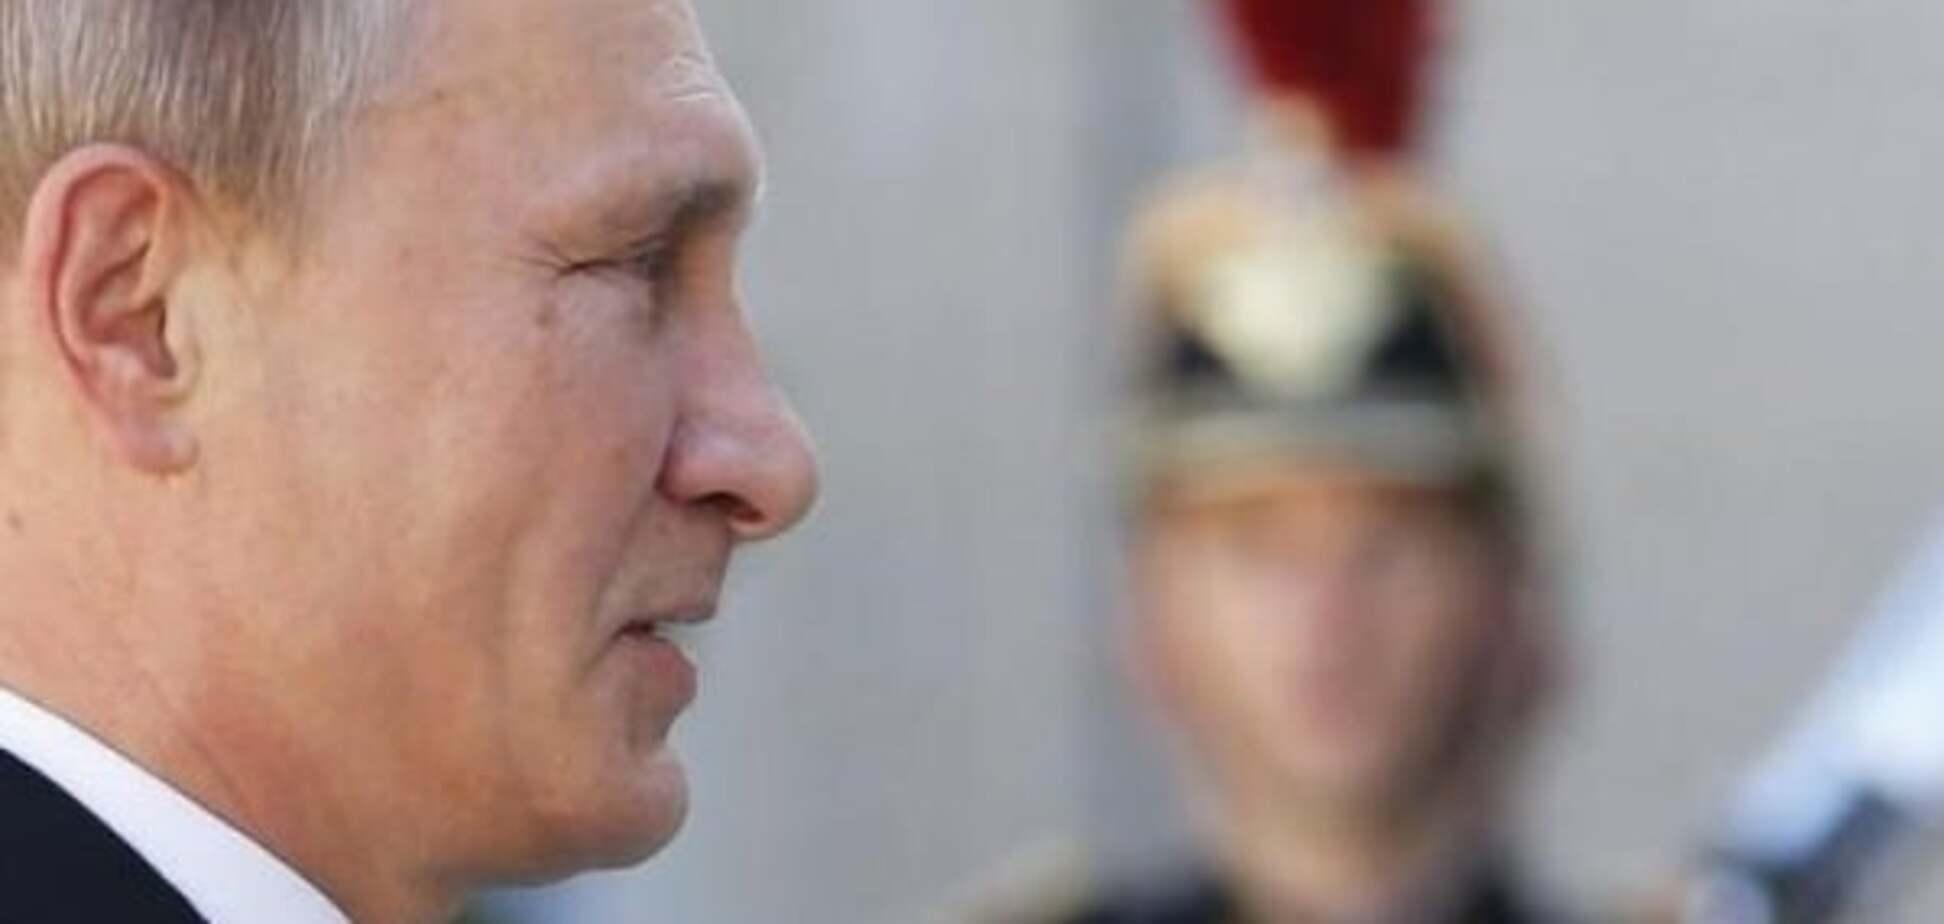 Скоро Путин будет уничтожен физически